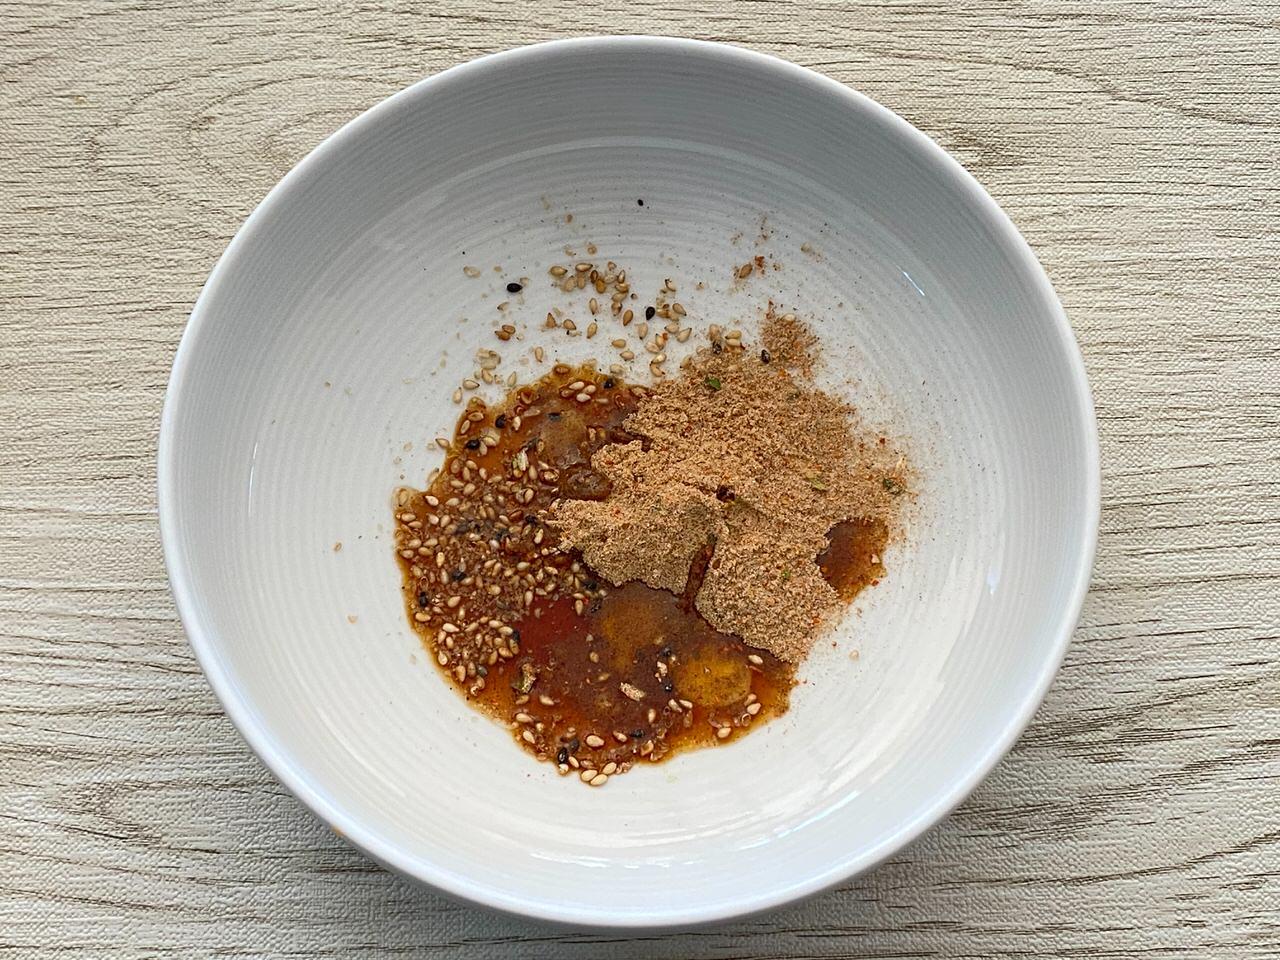 「サッポロ一番 しょうゆ味油そば ガーリックバター風」「サッポロ一番 ごま味まぜそば 辛口オイスター味」 05